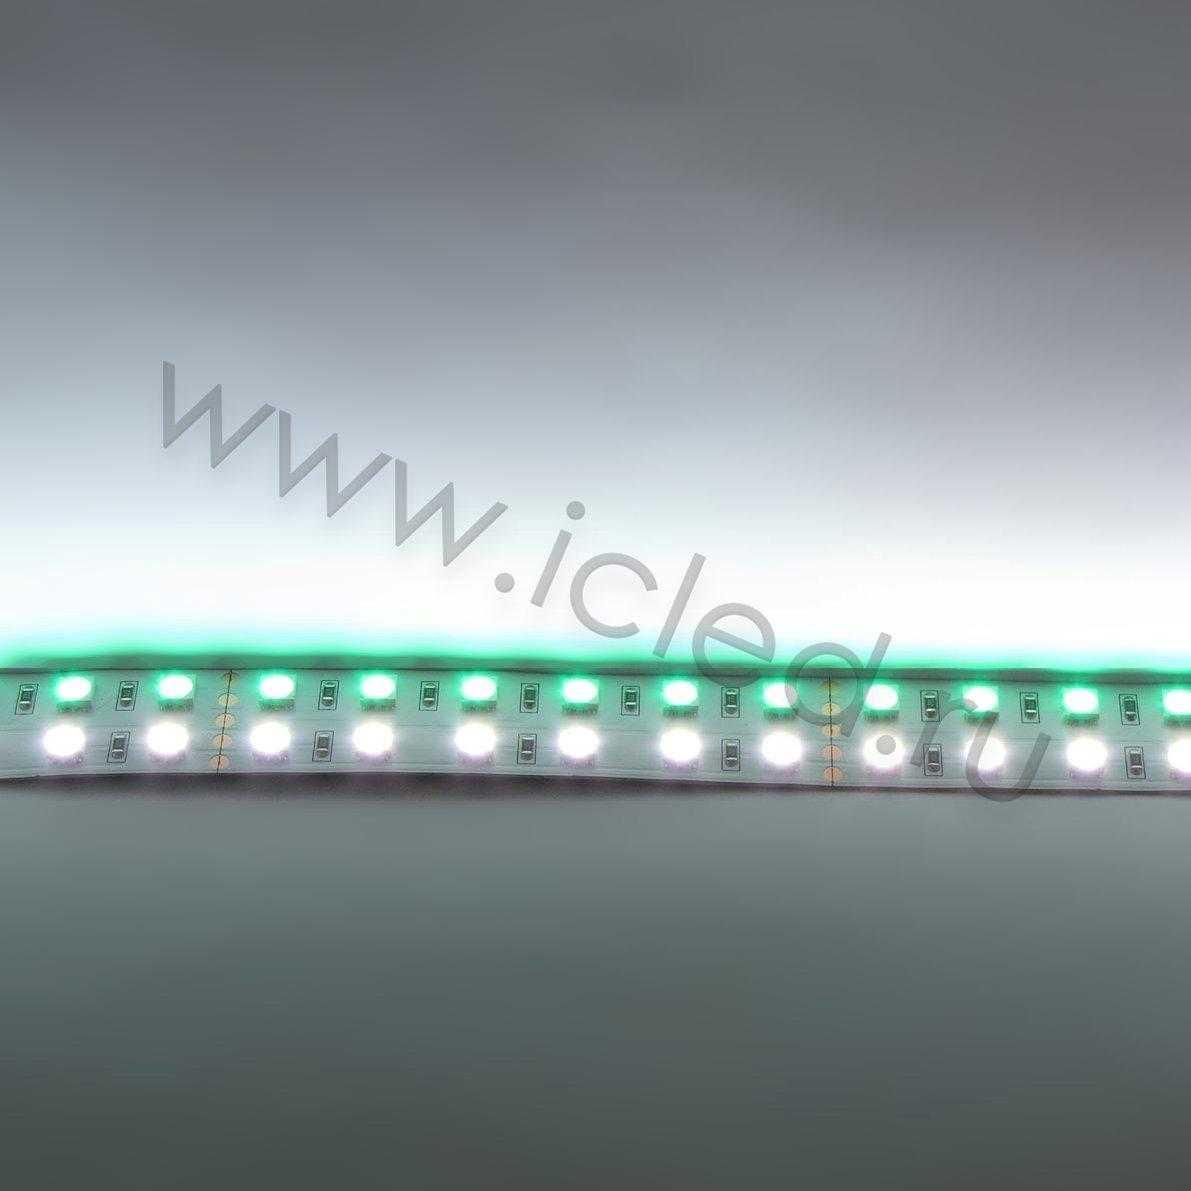 Светодиодная лента Class B, 5050, 144 led/m, RGBW, 24V, IP33